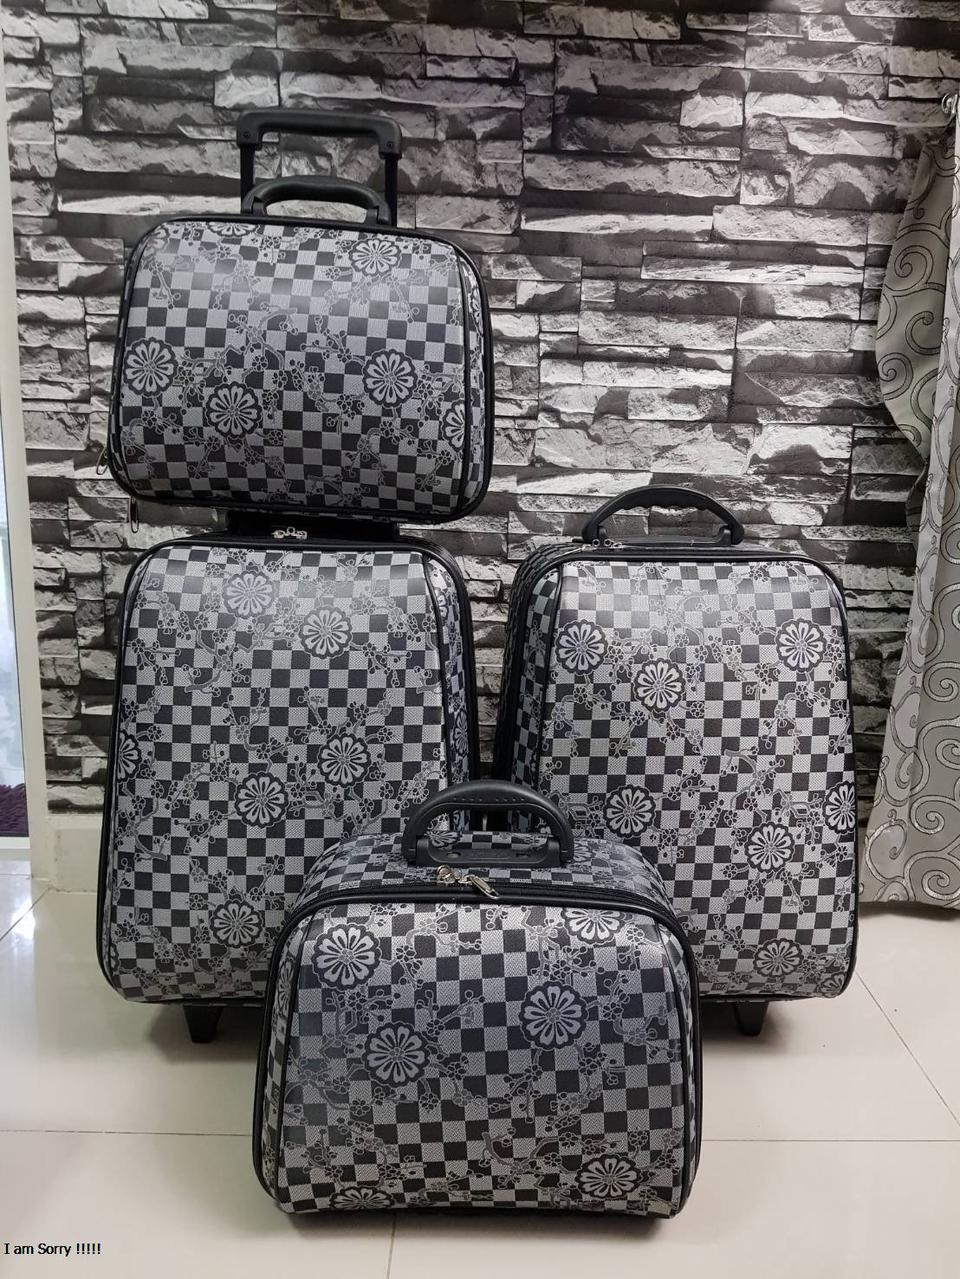 กระเป๋าเดินทางแบบผ้า เซ็ทคู่ 18/13 นิ้ว ลาย Gray/Black รูปที่ 4